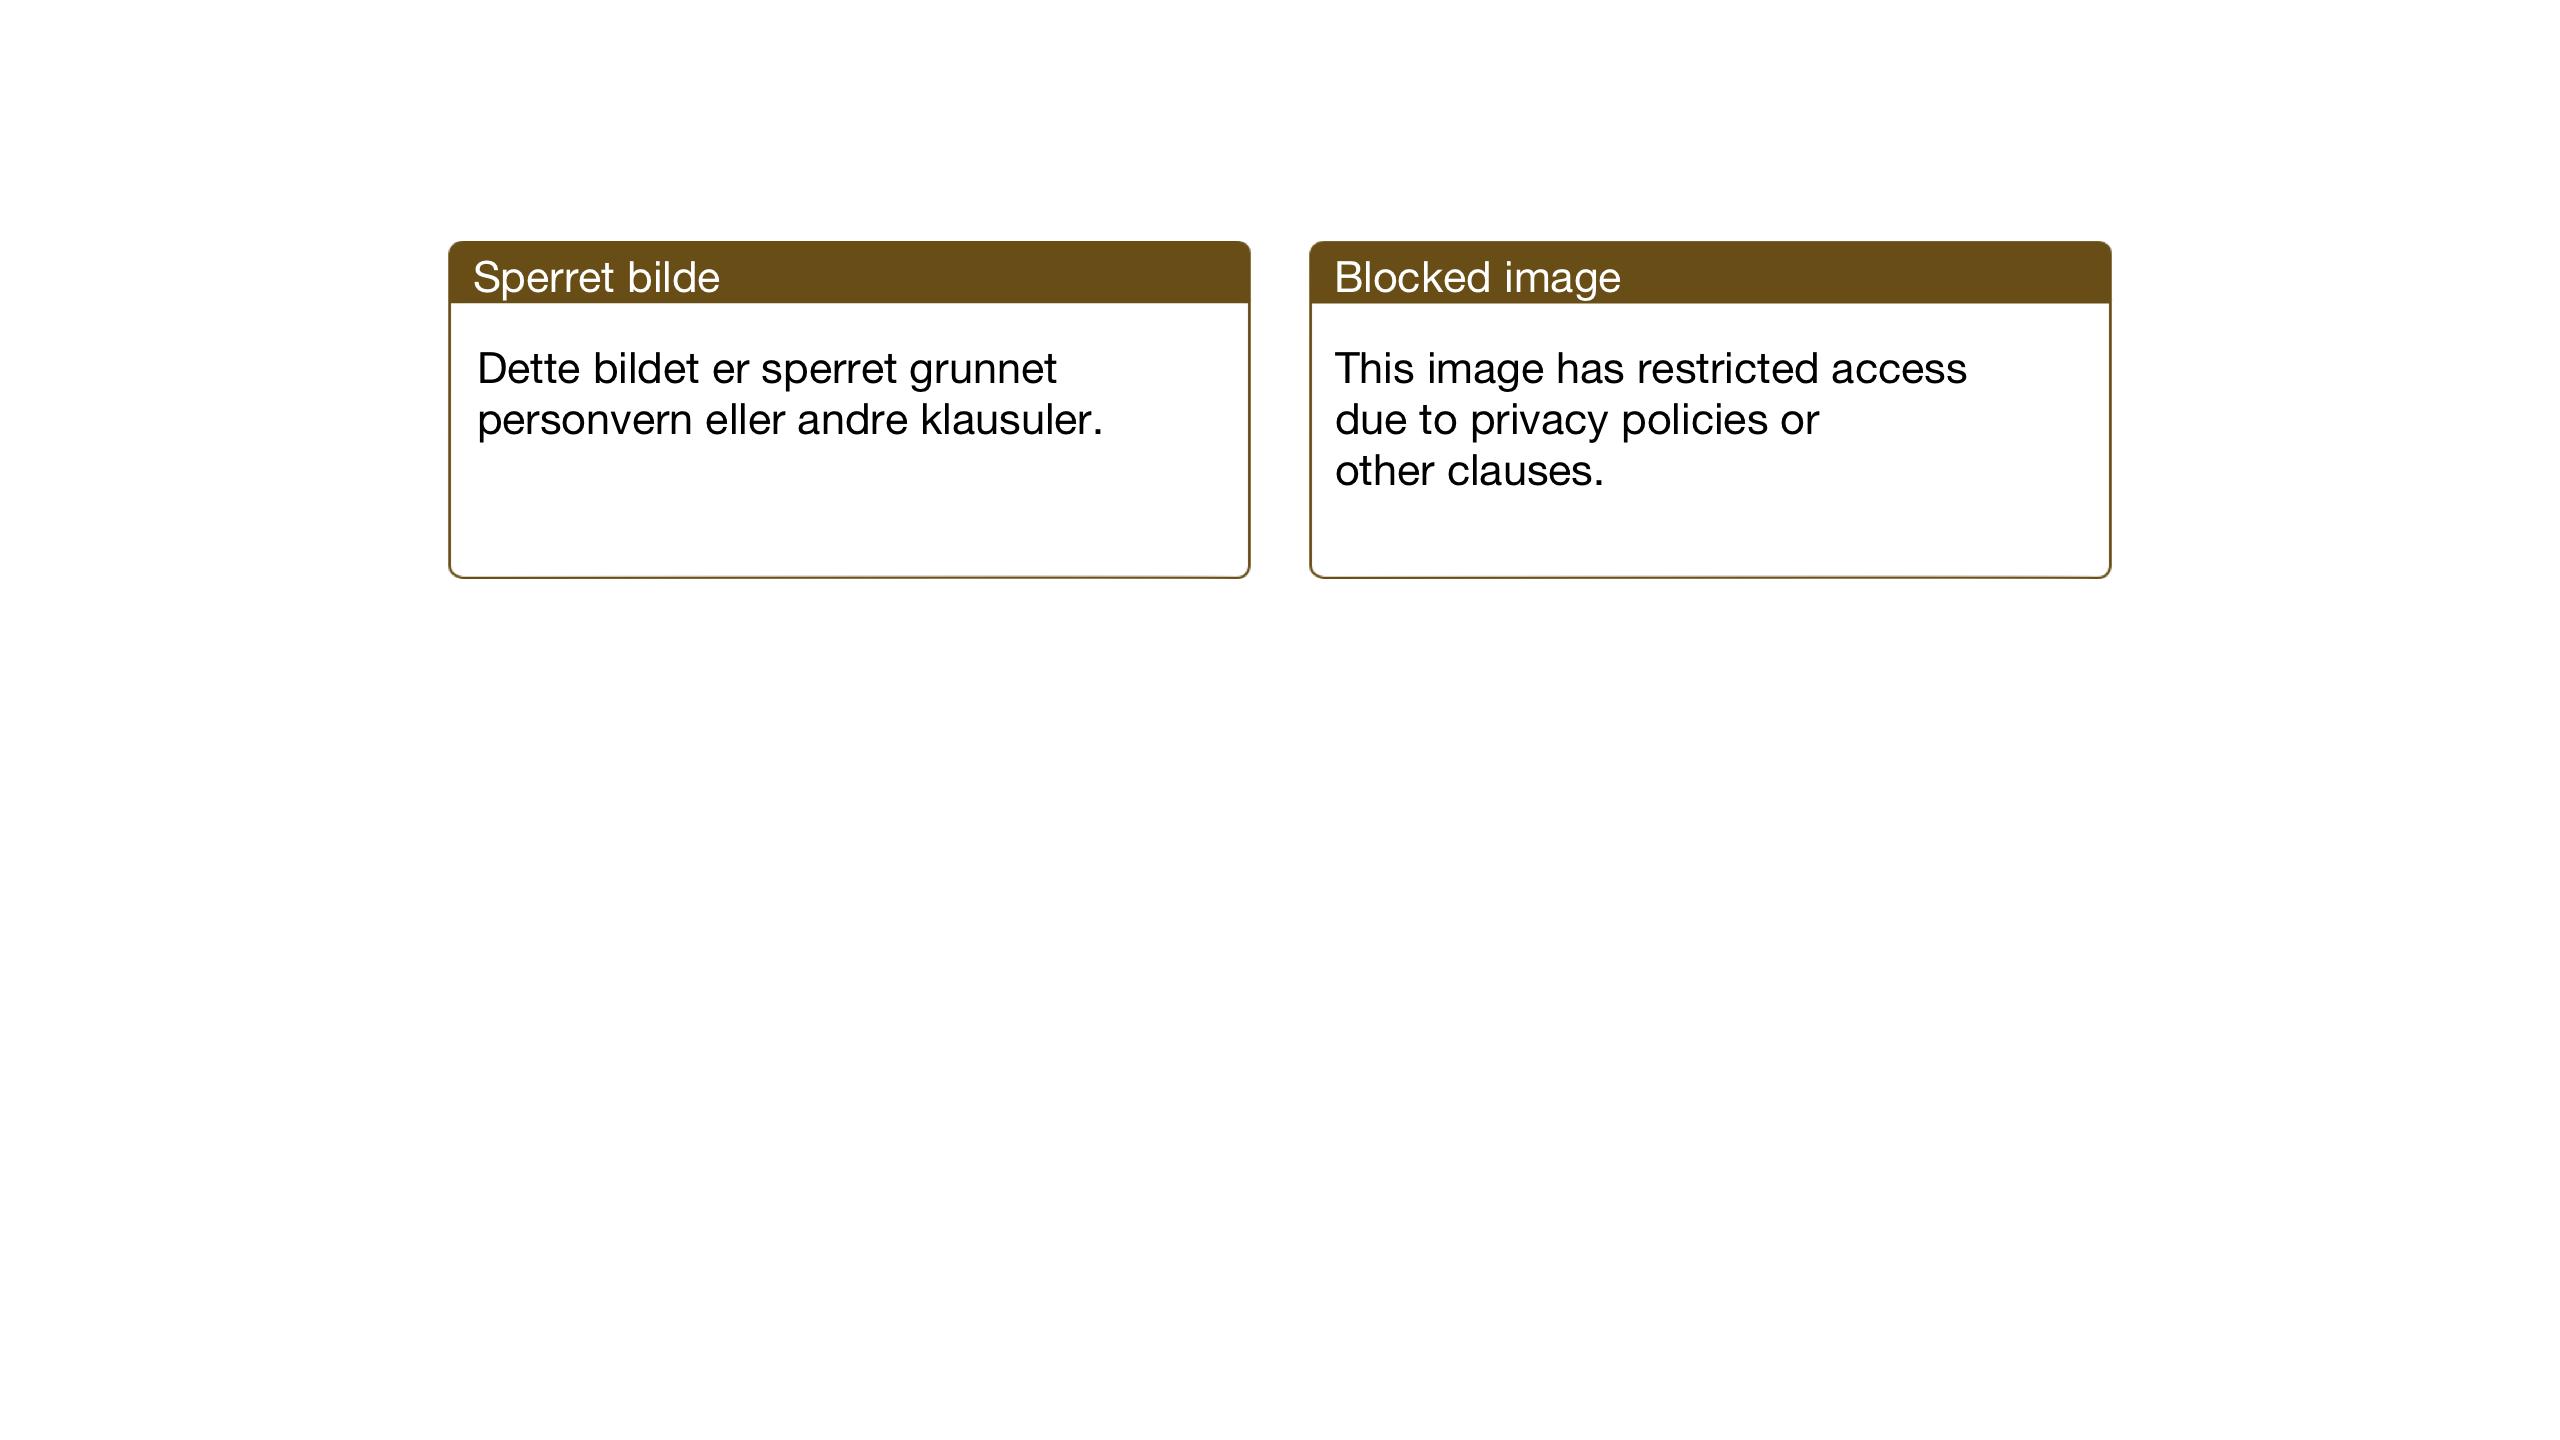 SAT, Ministerialprotokoller, klokkerbøker og fødselsregistre - Sør-Trøndelag, 662/L0758: Klokkerbok nr. 662C03, 1918-1948, s. 67